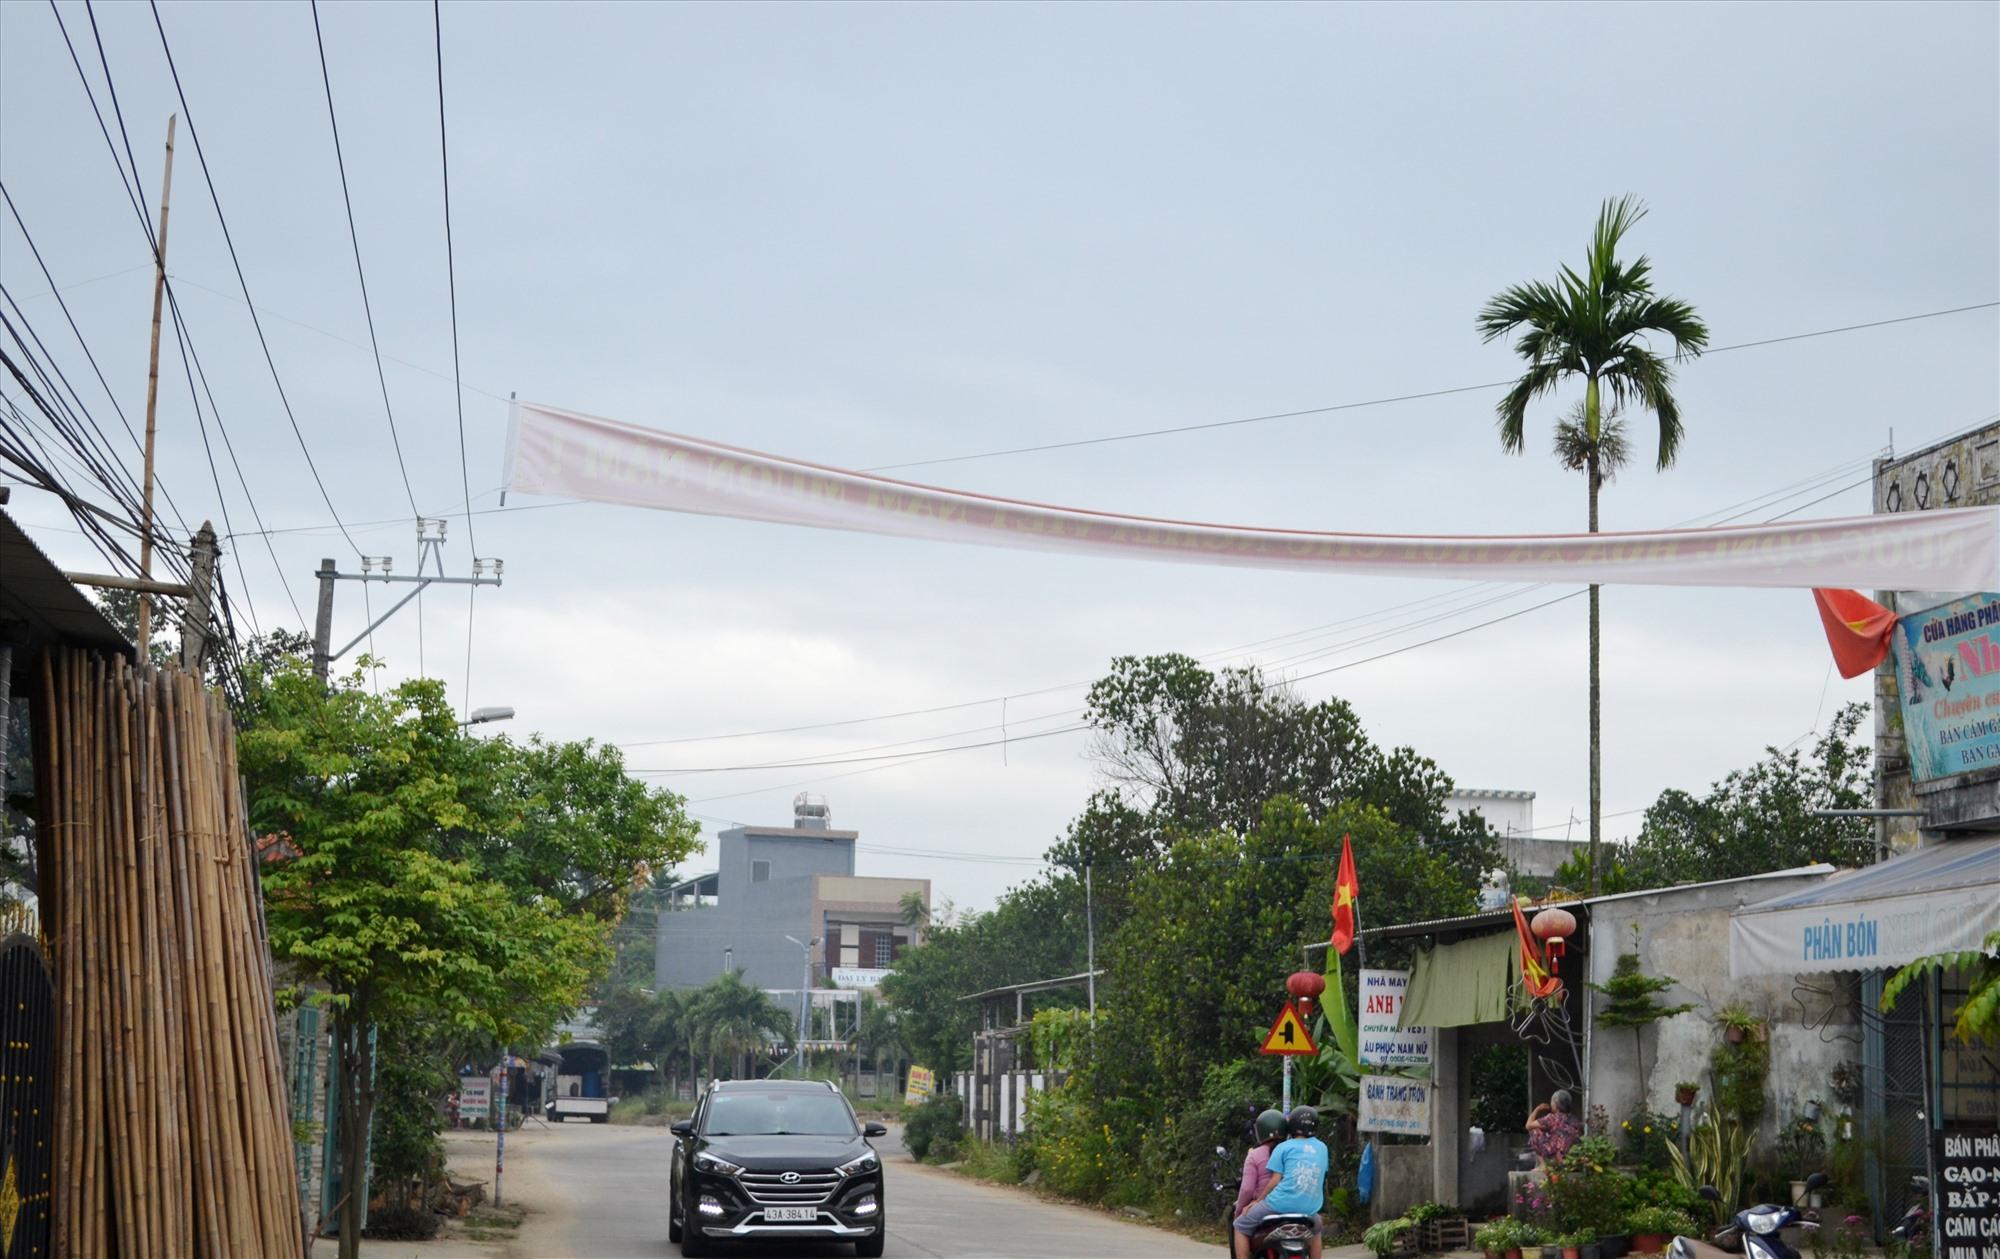 Sở GTVT đề nghị các địa phương tuân thủ quy định khi treo băng rôn trên các tuyến quốc lộ ủy quyền, tỉnh lộ. Ảnh: CT